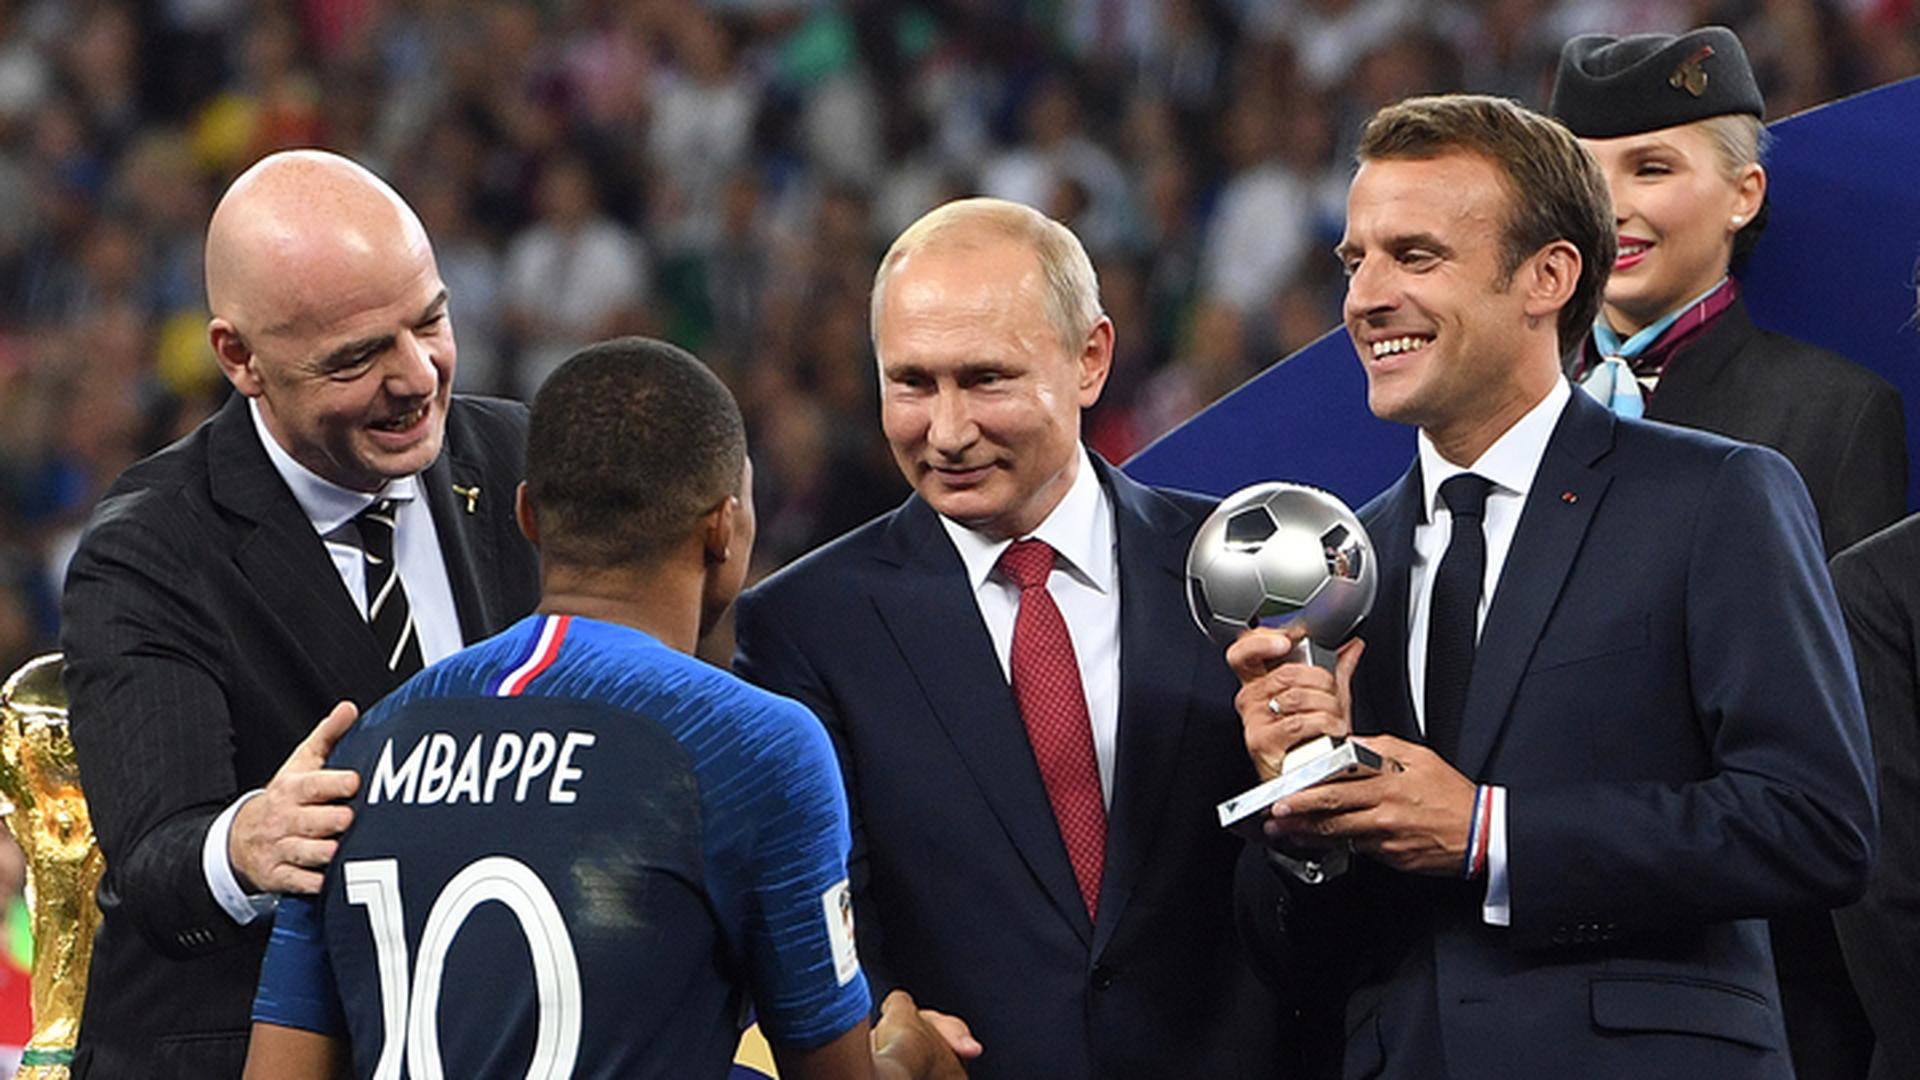 Футболистам Франции вручили кубок мира и золотые медали